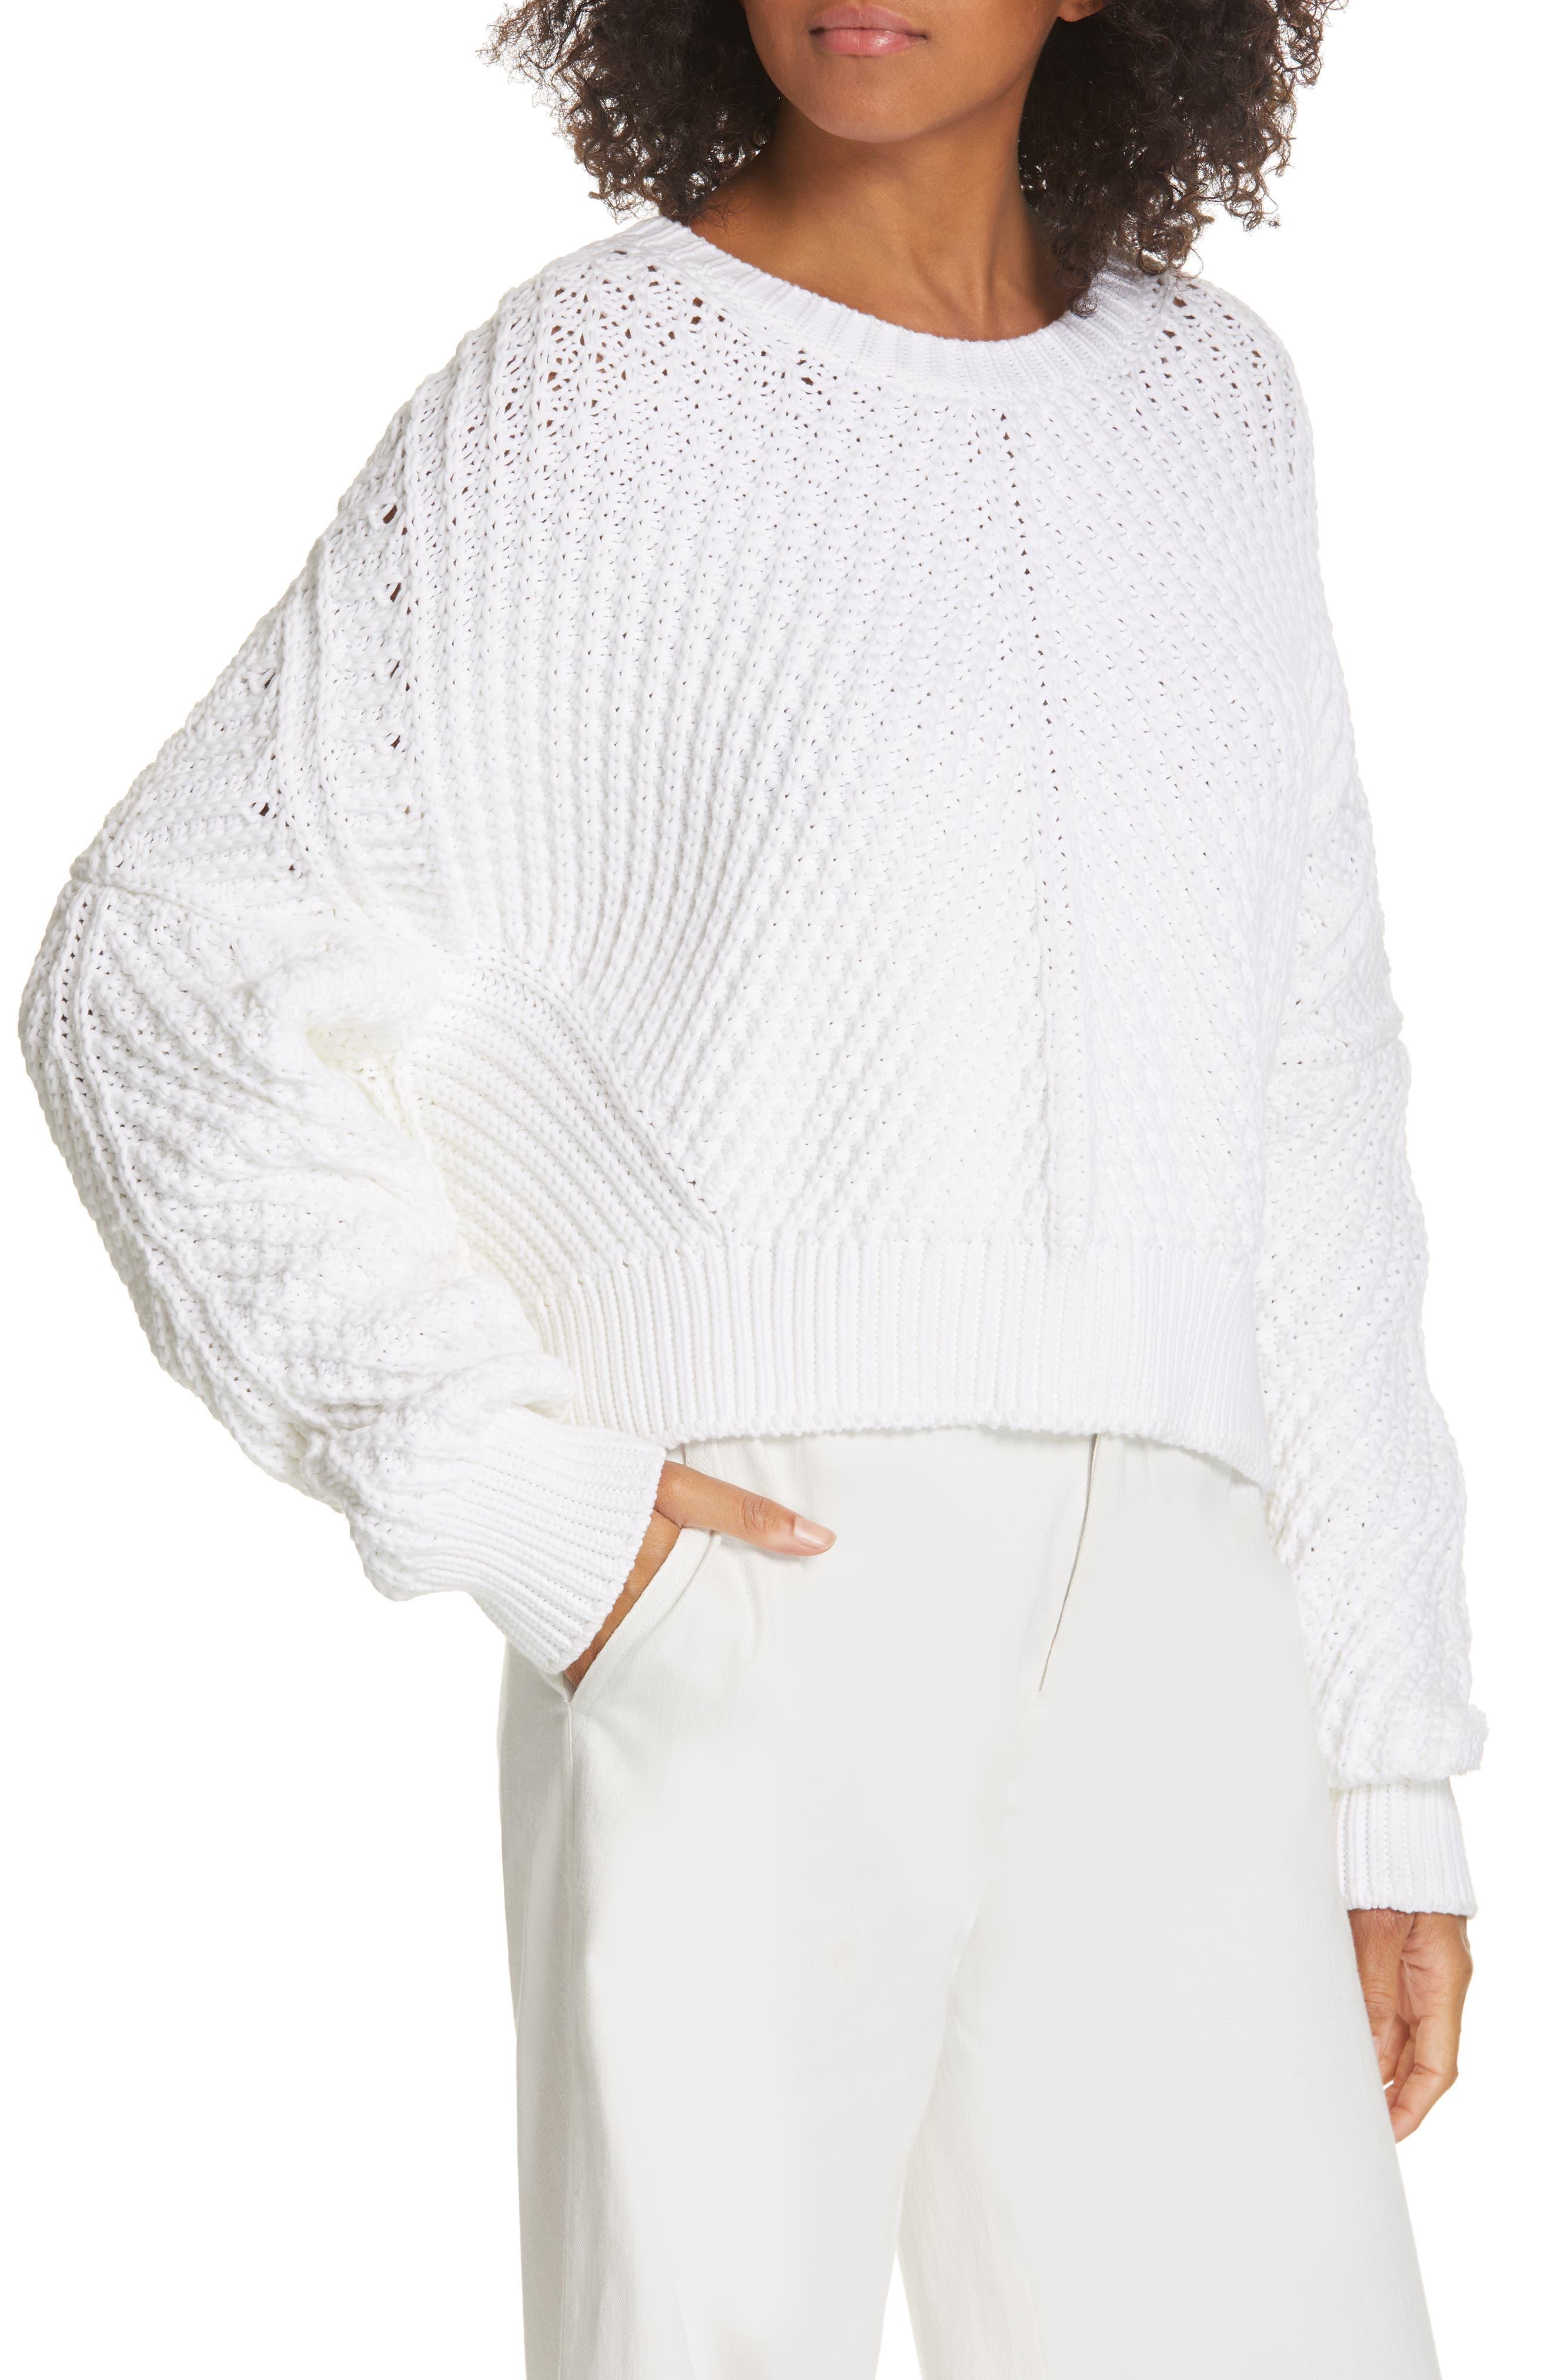 VINCE, Rib Knit Sweater, Alternate thumbnail 4, color, OPTIC WHITE